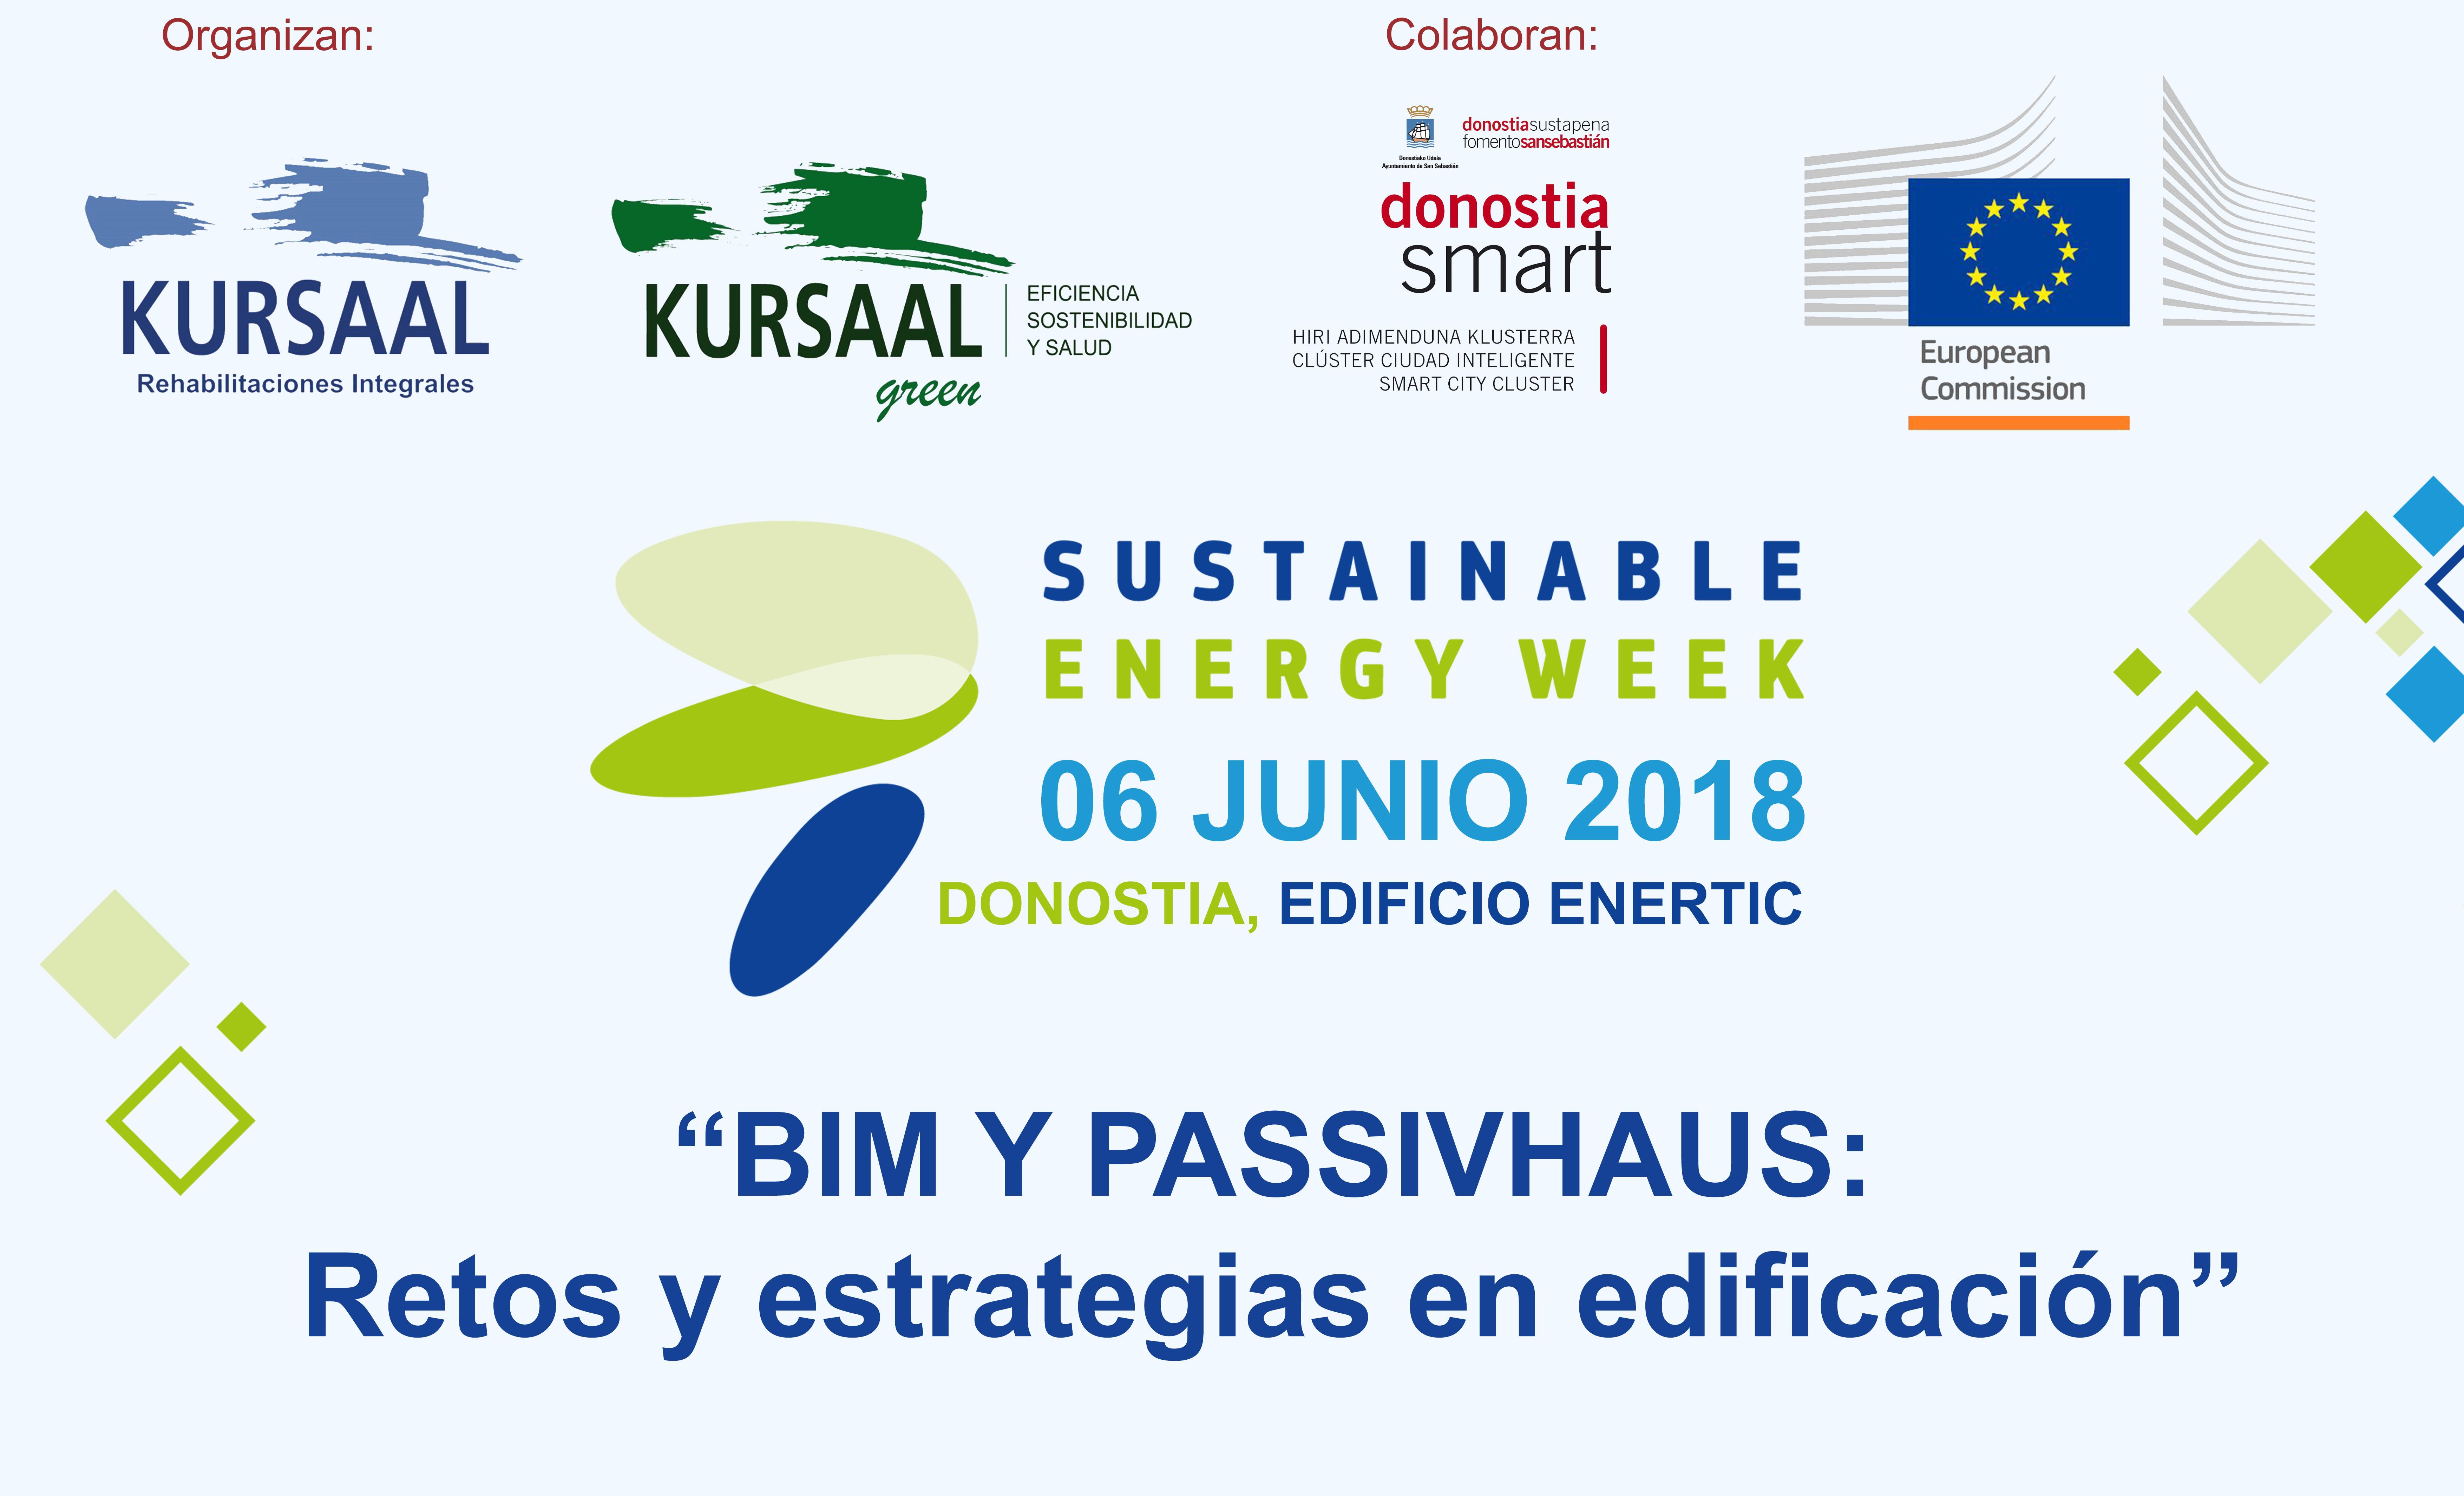 imagen noticia: por-quinto-ao-consecutivo-kursaal-rehabilitaciones-organizamos-una-jornada-enmarcada-en-la-semana-europea-de-la-energa-sostenible